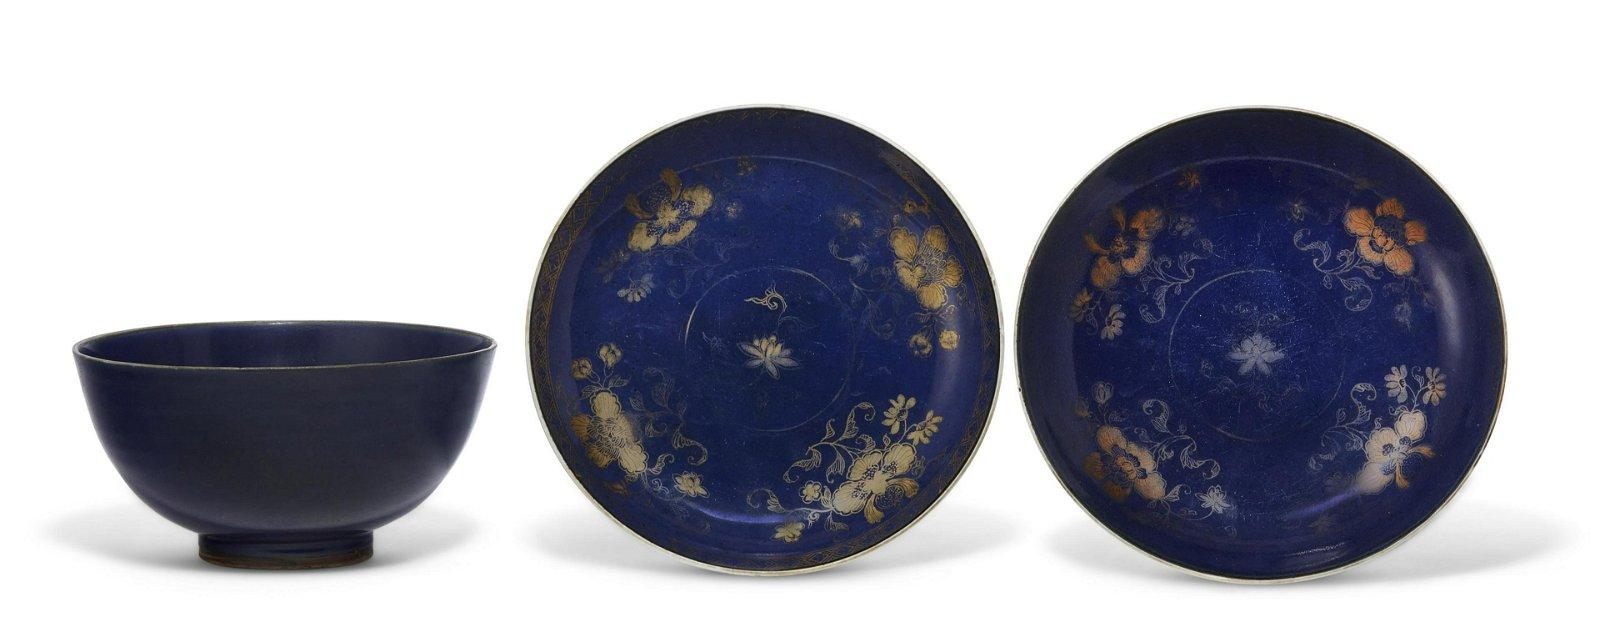 THREE BLUE-GLAZED VESSELS